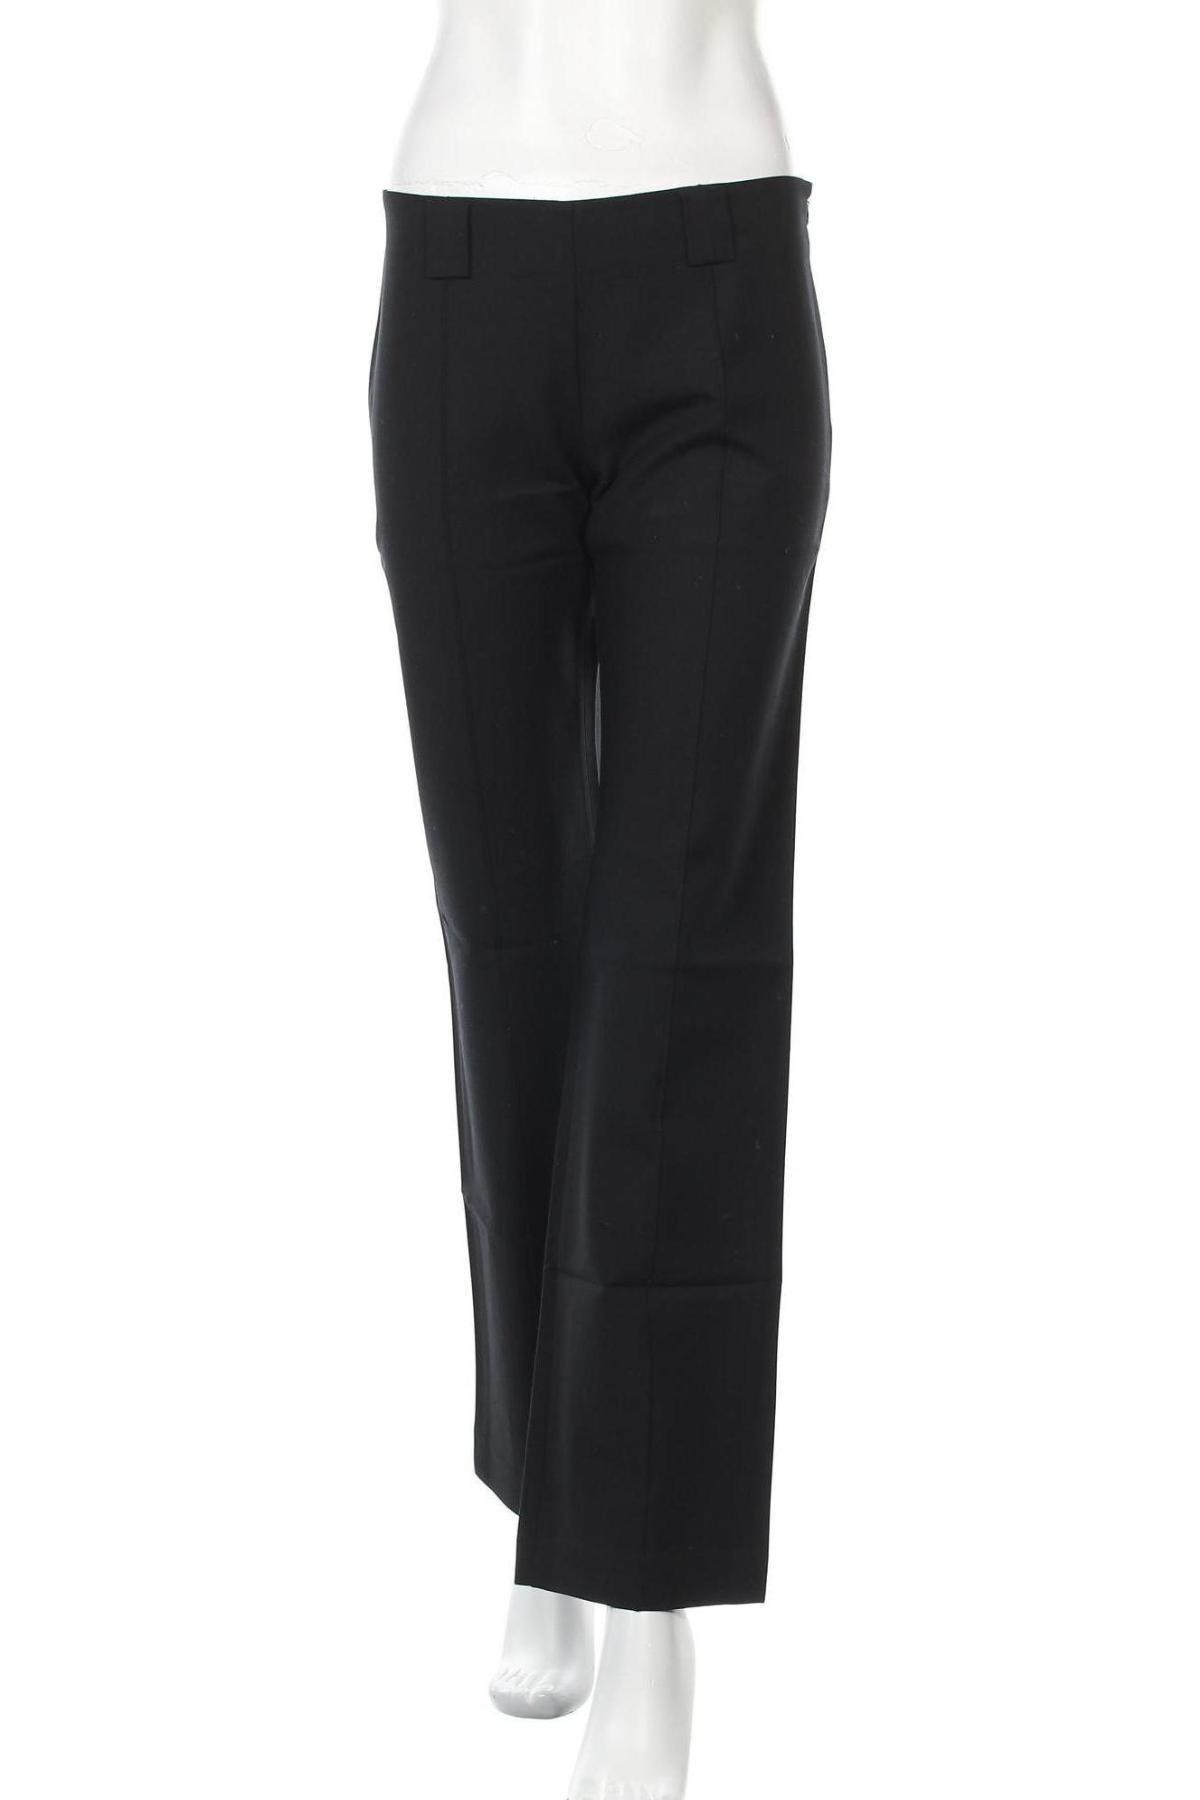 Дамски панталон Stefanel, Размер S, Цвят Черен, 93% памук, 7% еластан, Цена 27,51лв.